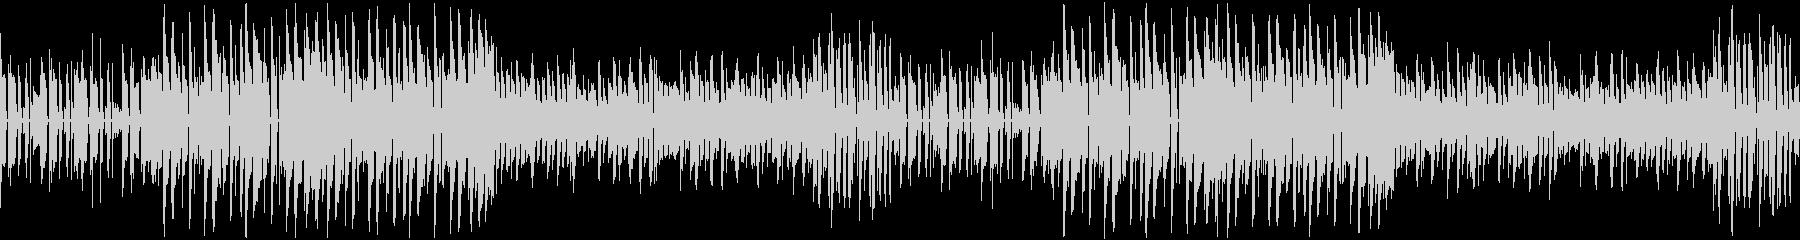 可愛い雰囲気のポップなEDMの未再生の波形